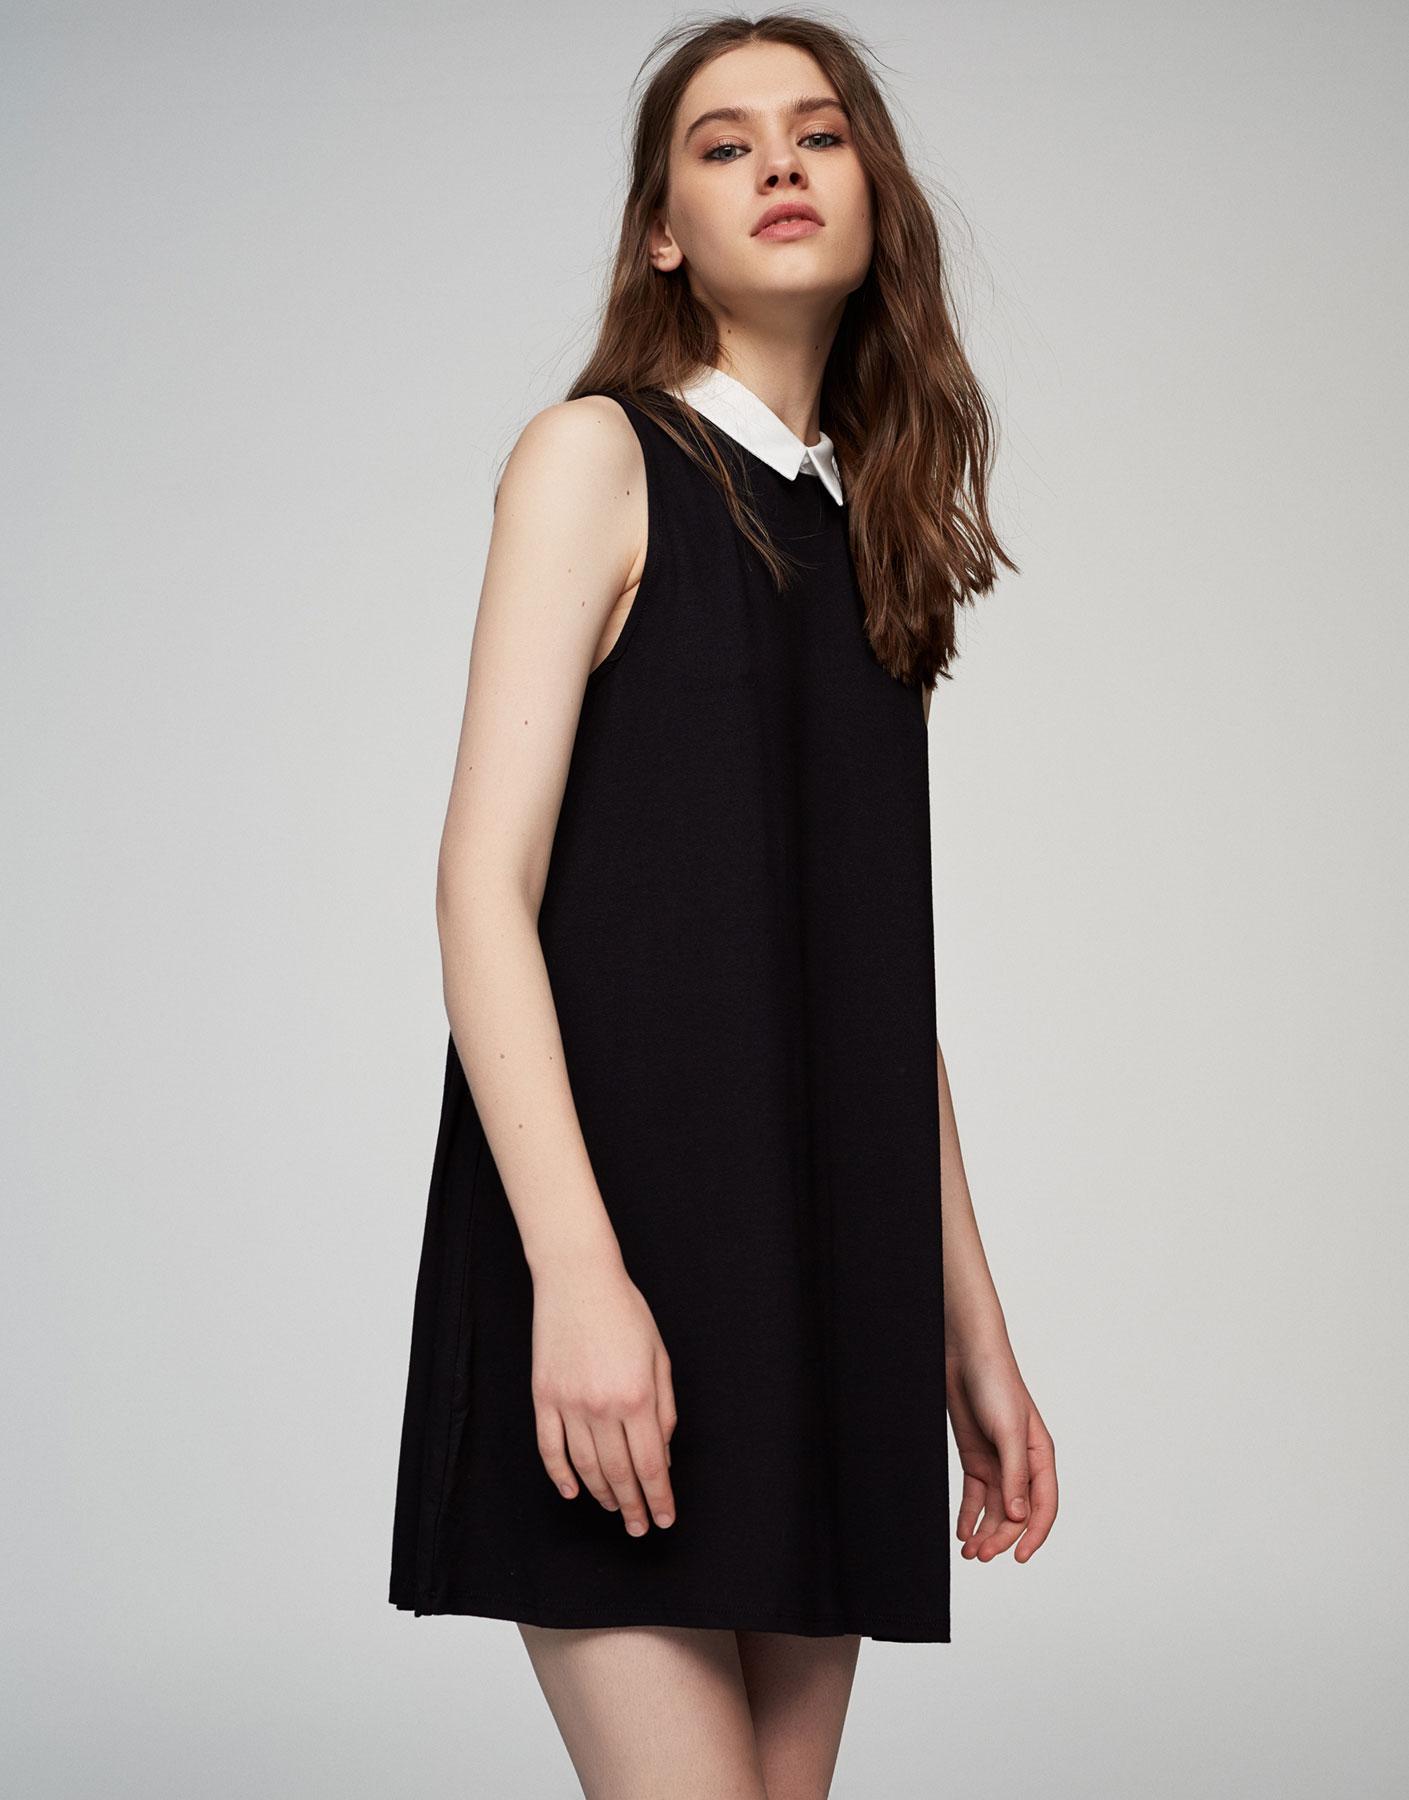 Dress with shirt collar